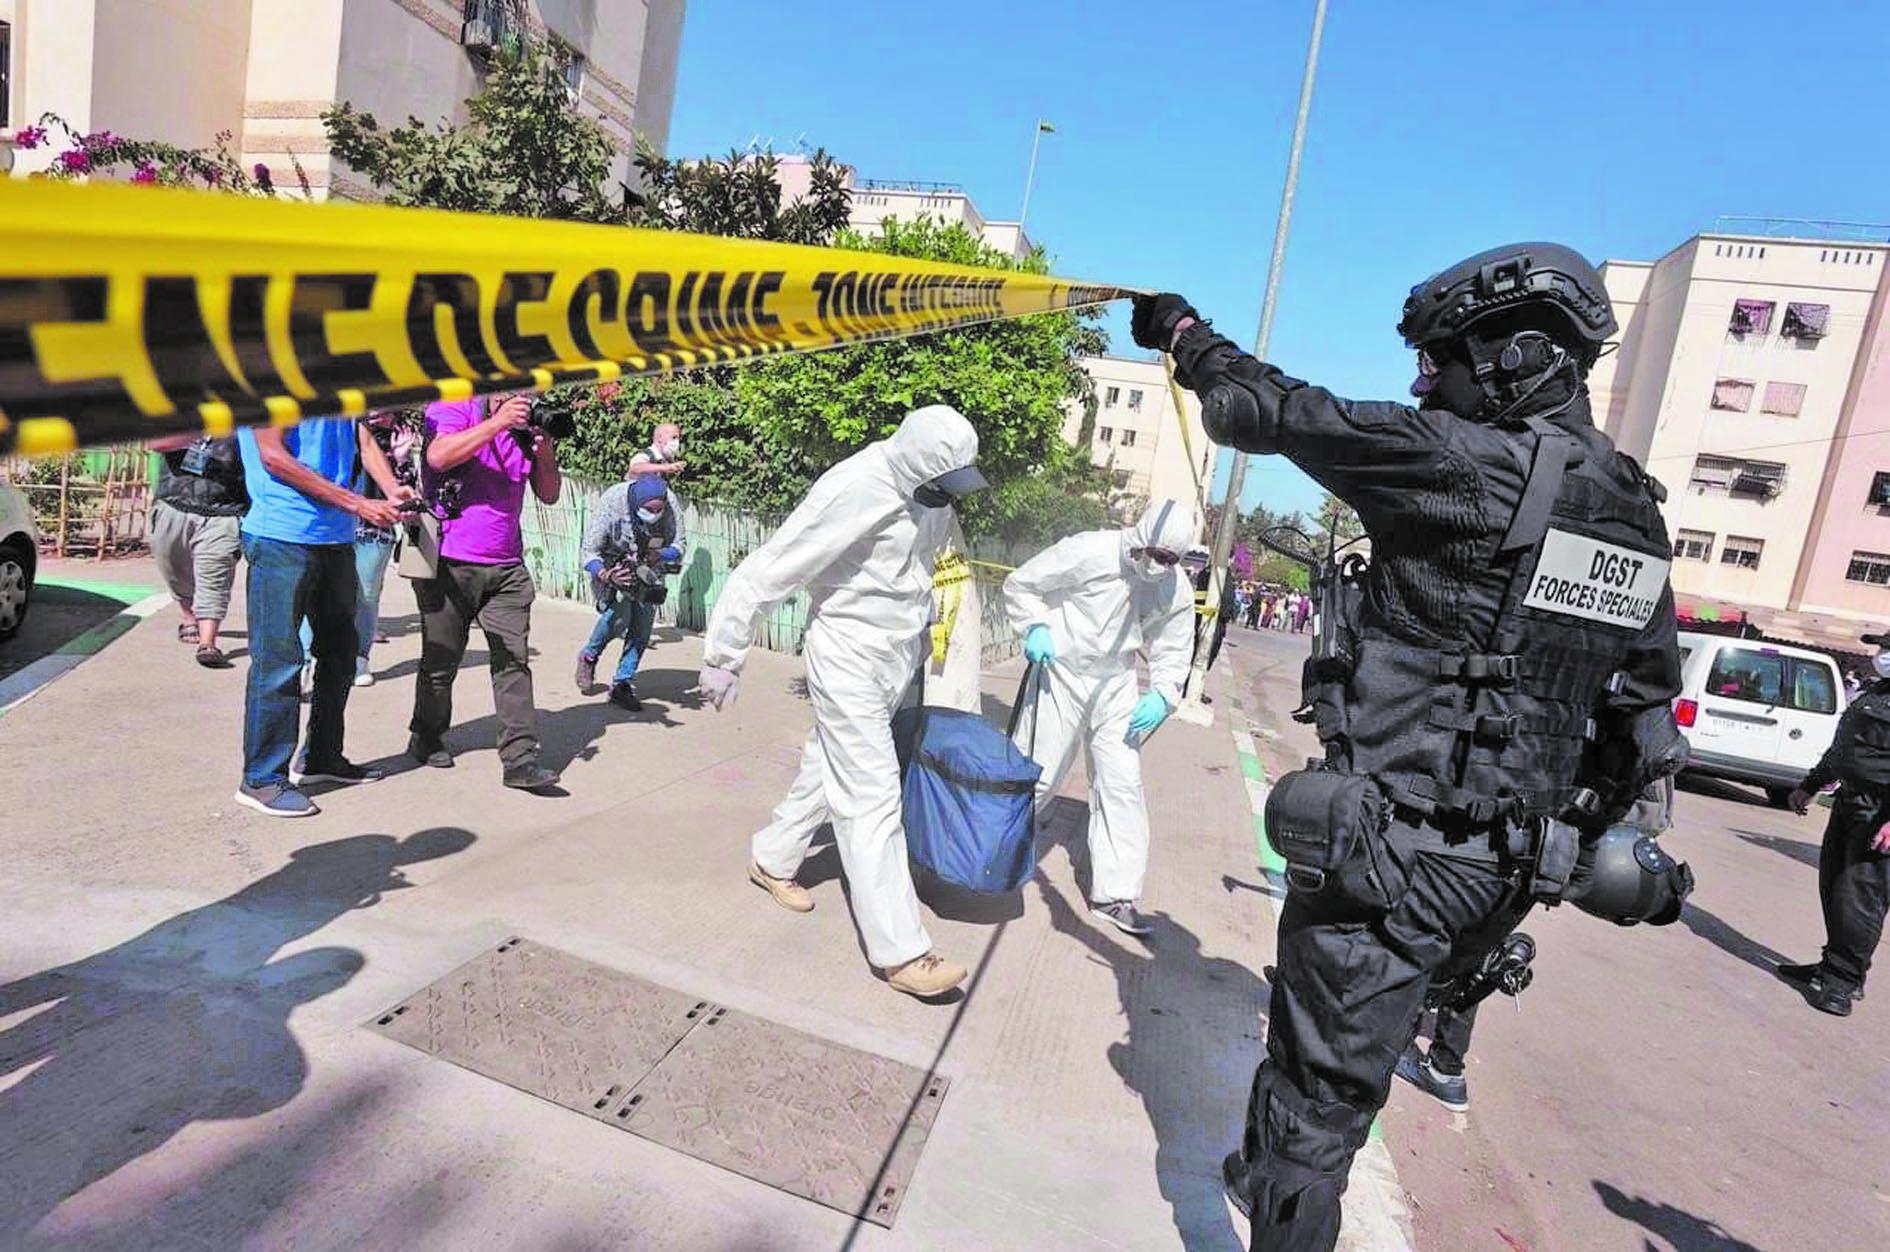 Les poudres et liquides saisis lors de l'opération antiterroriste du 10 septembre servent à la fabrication des explosifs